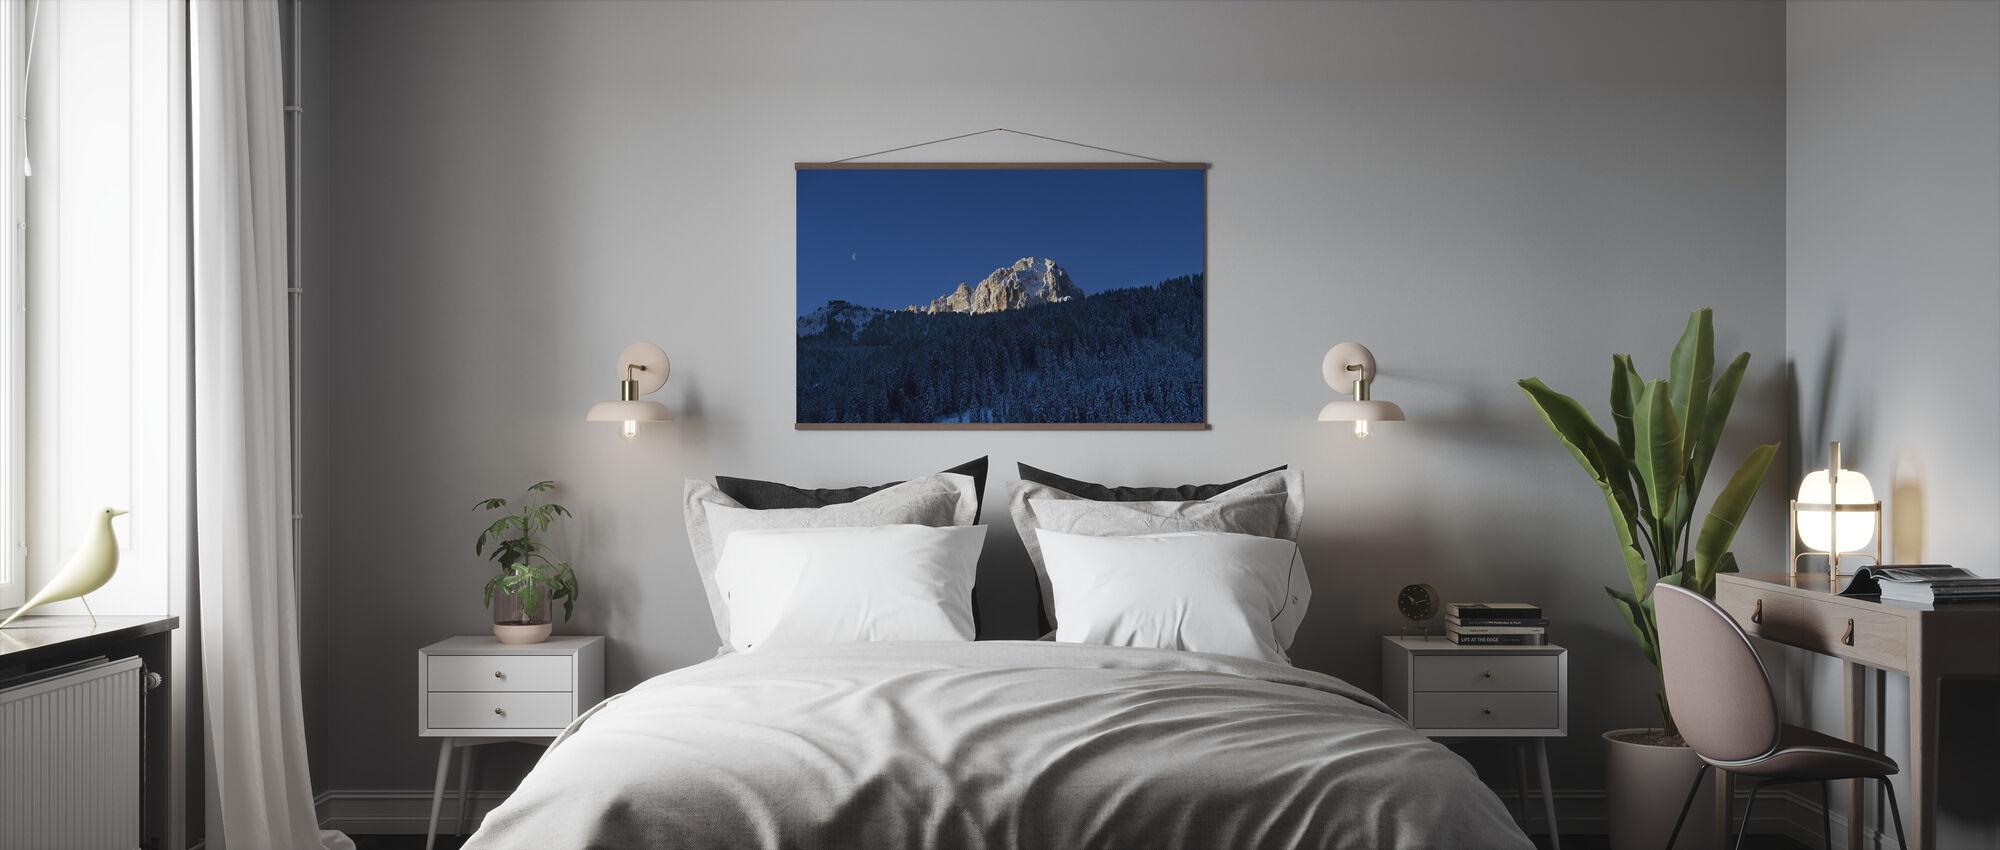 Val Gardena, Dolomites in Italy - Poster - Bedroom